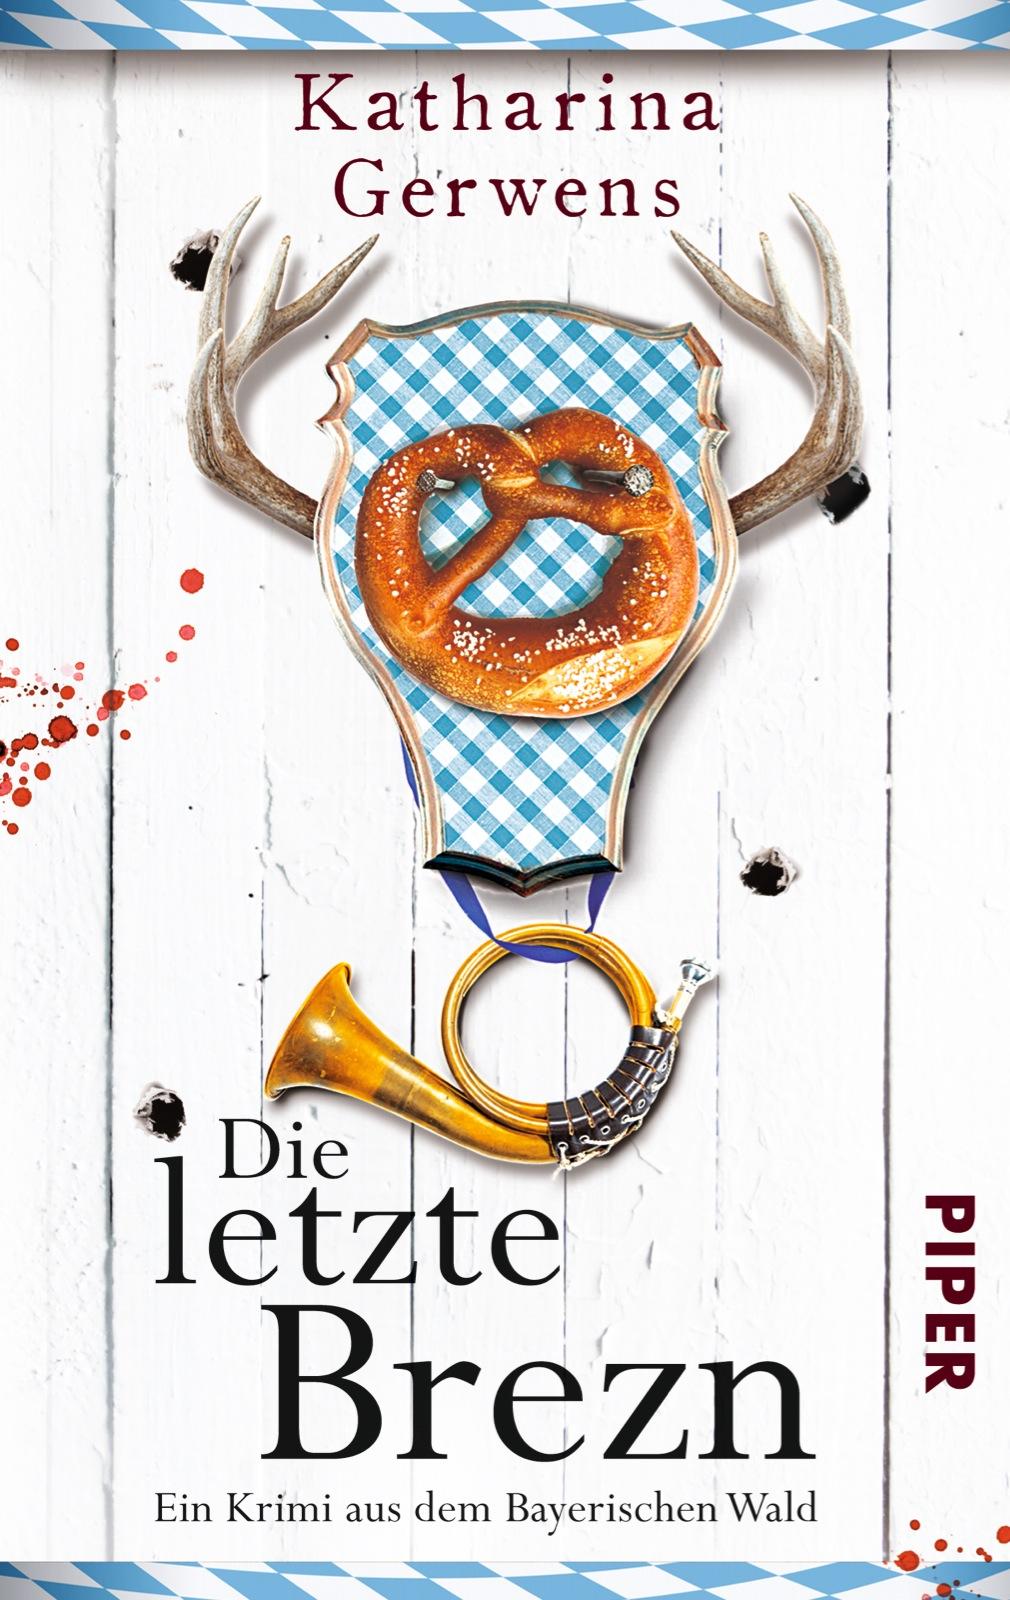 Die letzte Brezn: Ein Krimi aus dem Bayerischen...